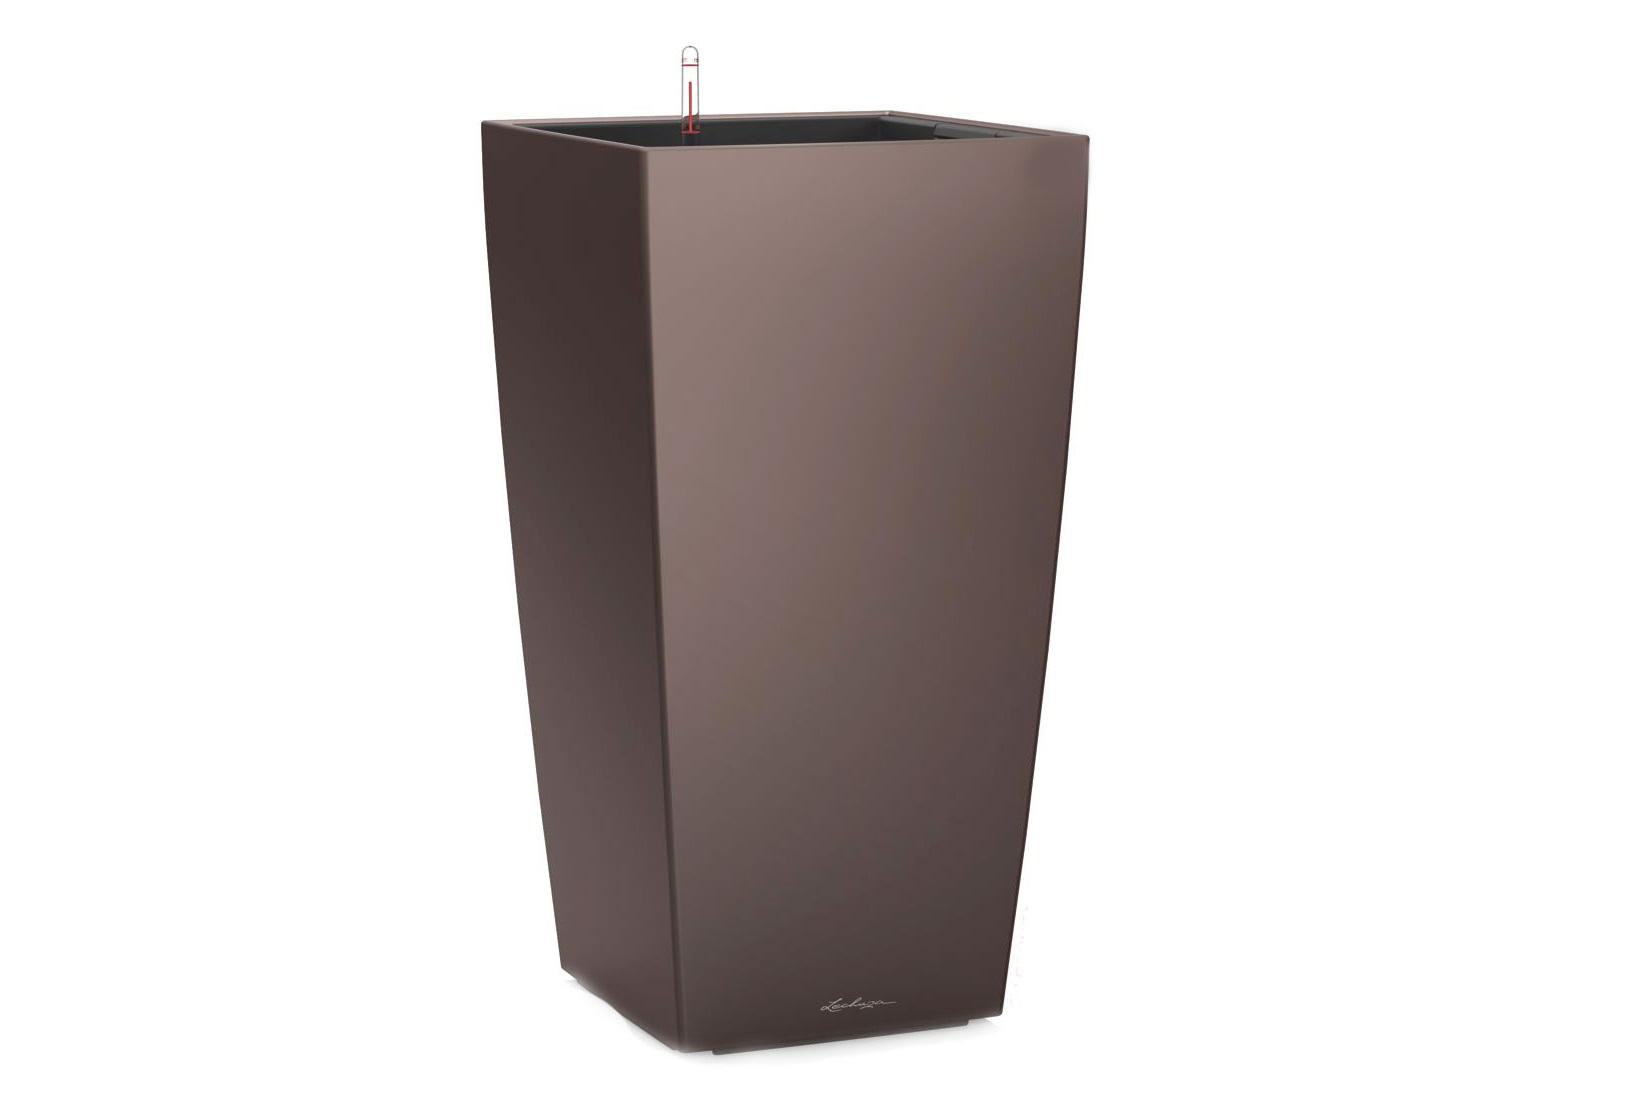 Кашпо с системой полива КубикоКашпо<br><br><br>Material: Пластик<br>Width см: 50<br>Depth см: 50<br>Height см: 95